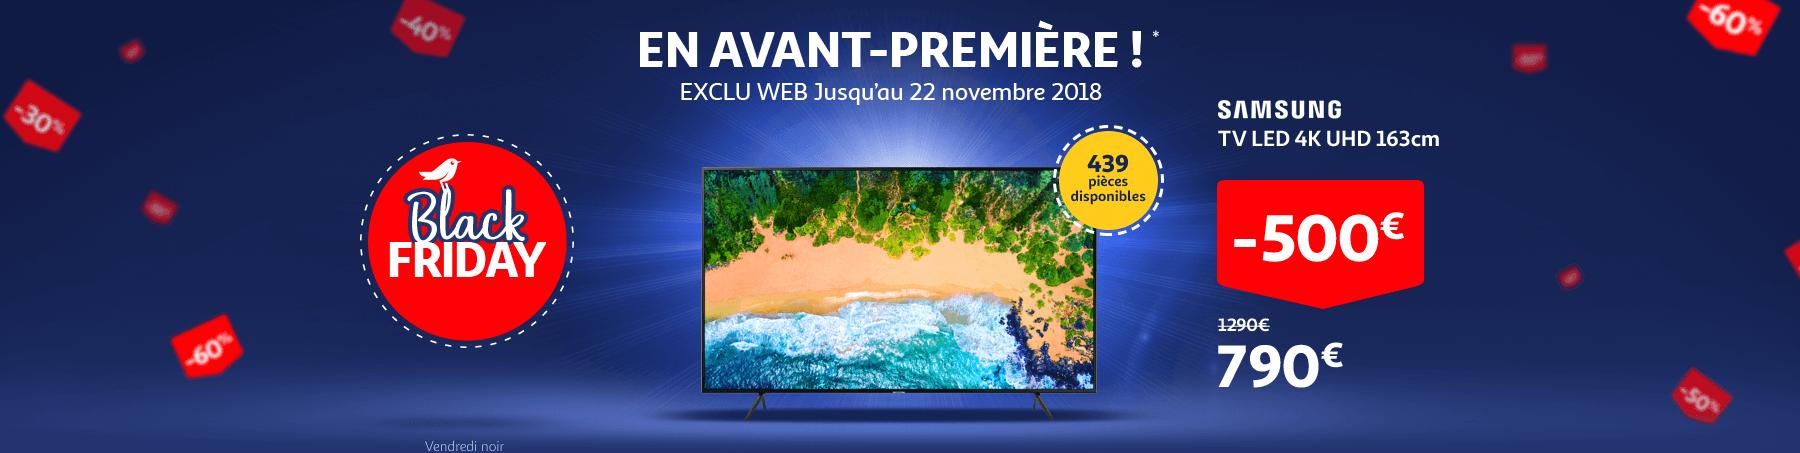 Black Friday en avant-première jusqu'au 22 novembre. SAMSUNG TV LED 4K UHD 163 cm.